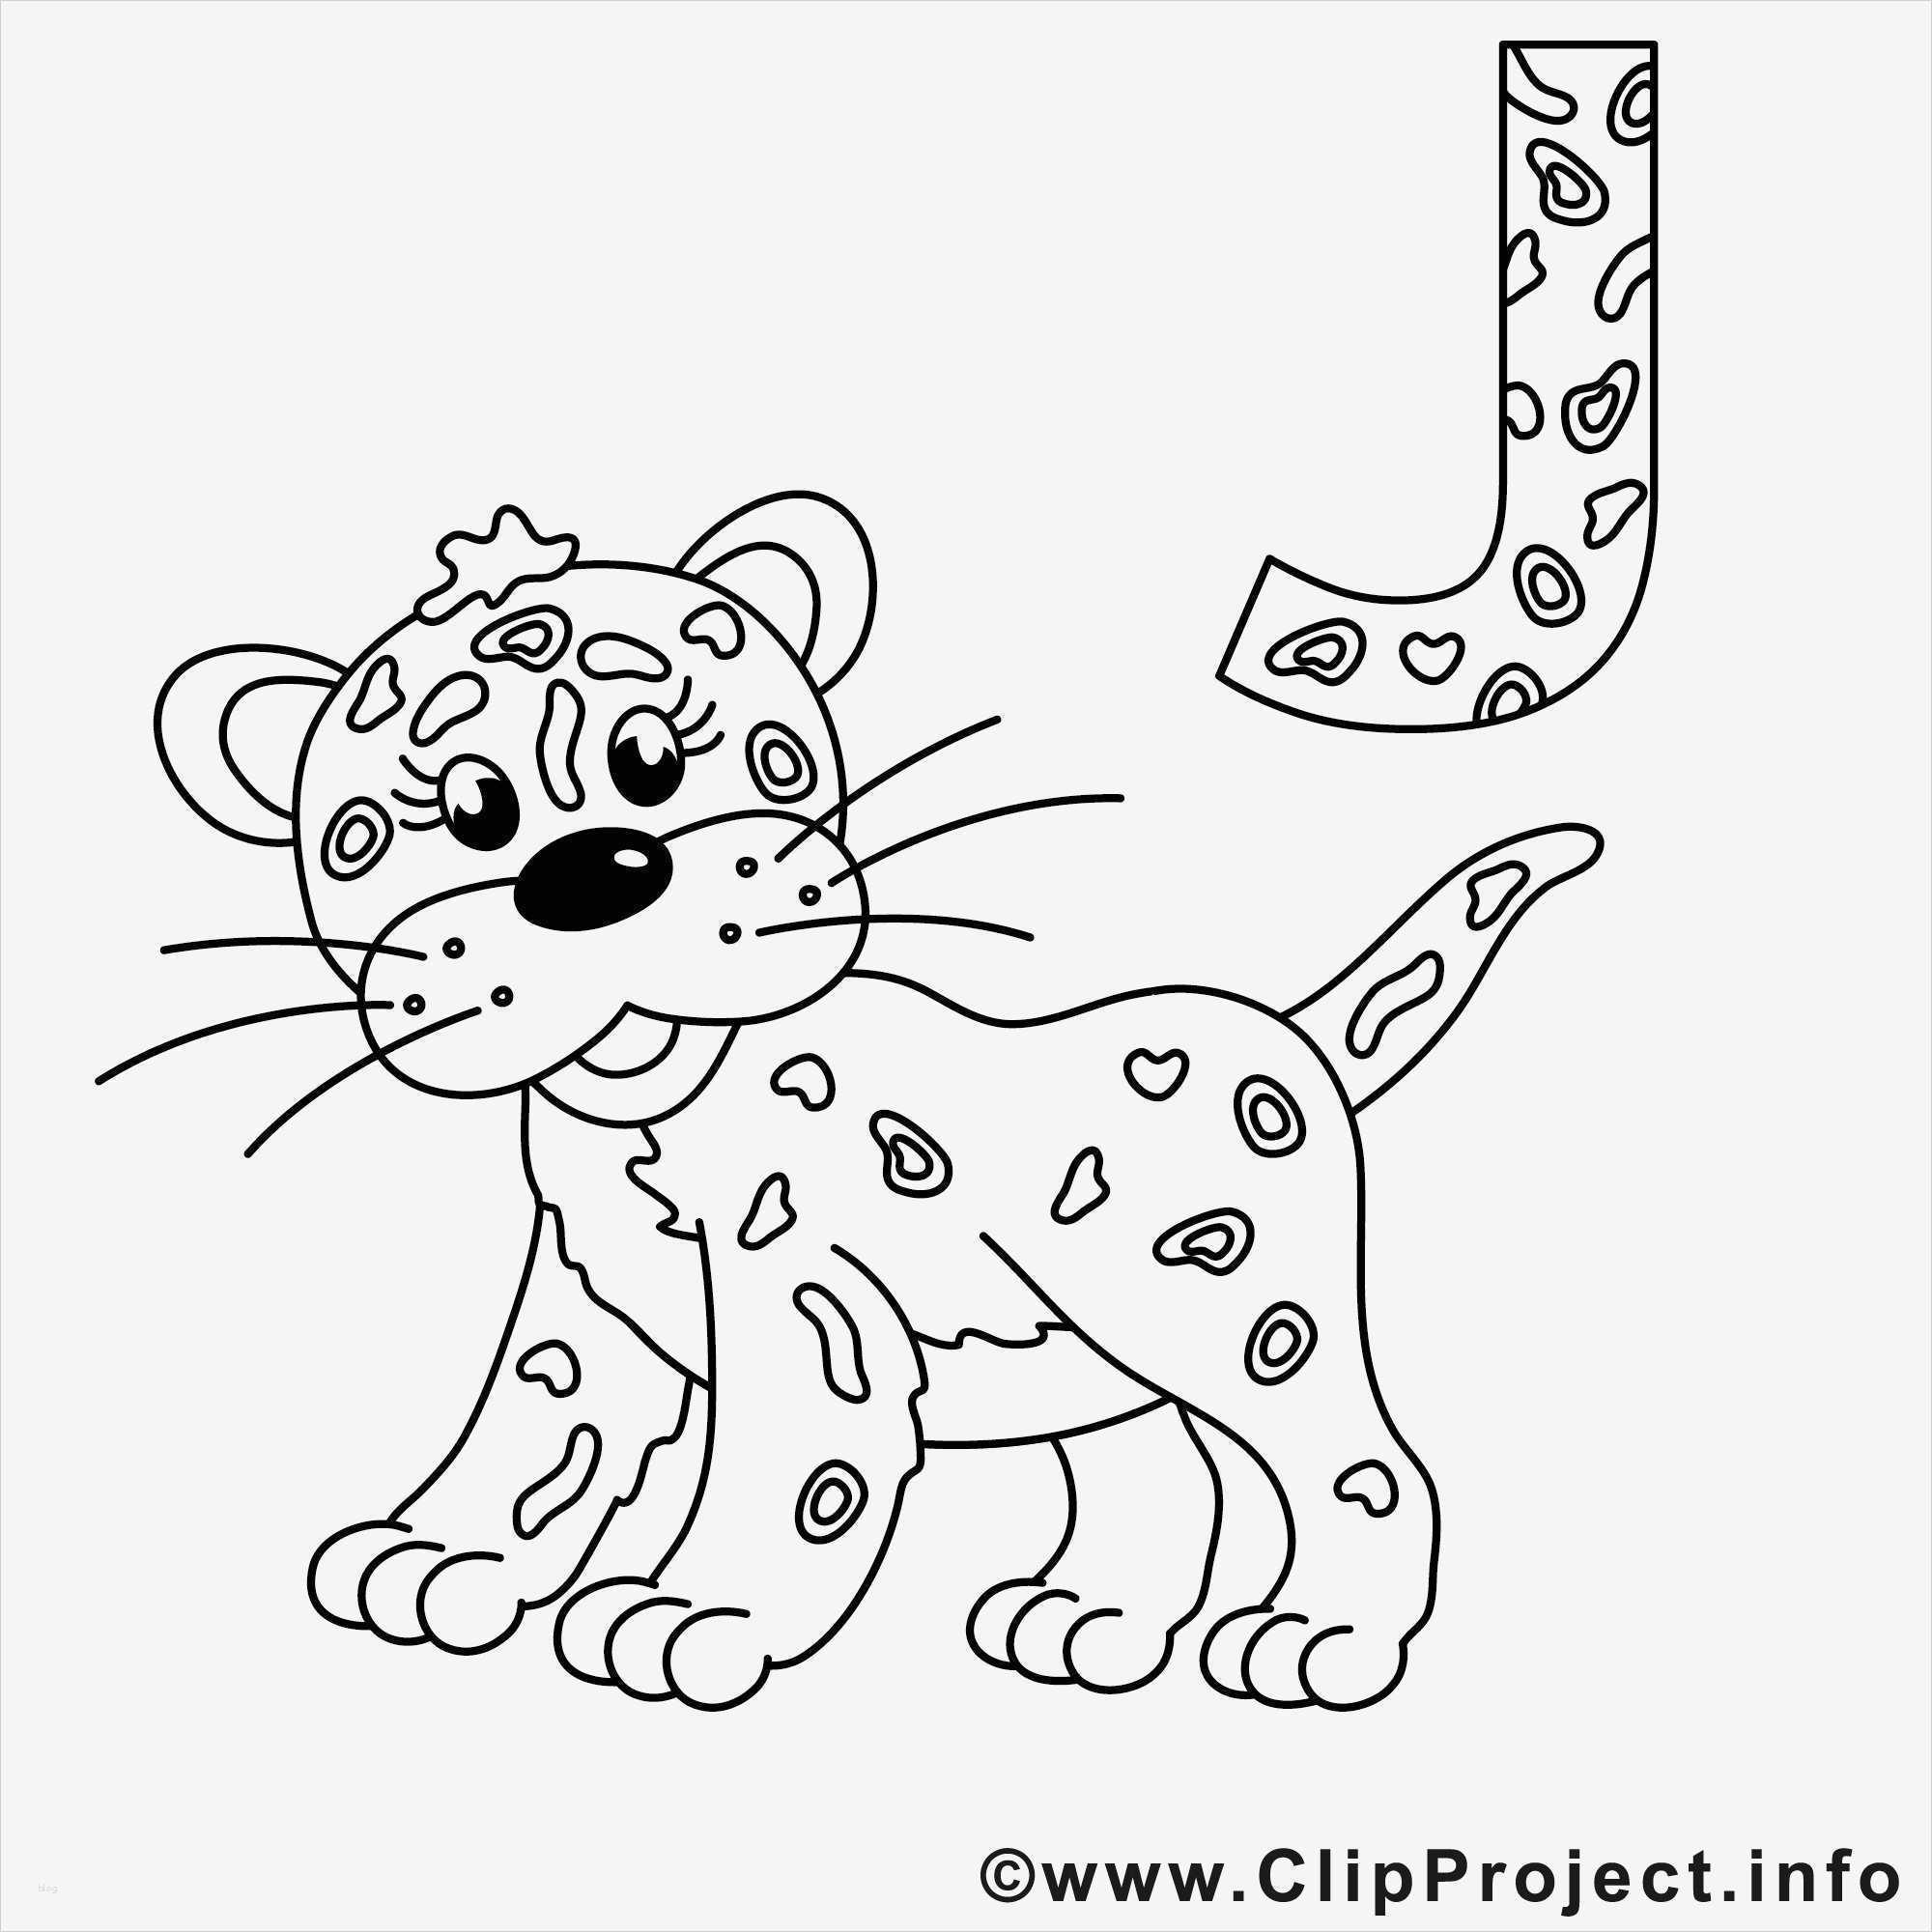 buchstaben vorlagen zum ausdrucken az wunderbar jaguar